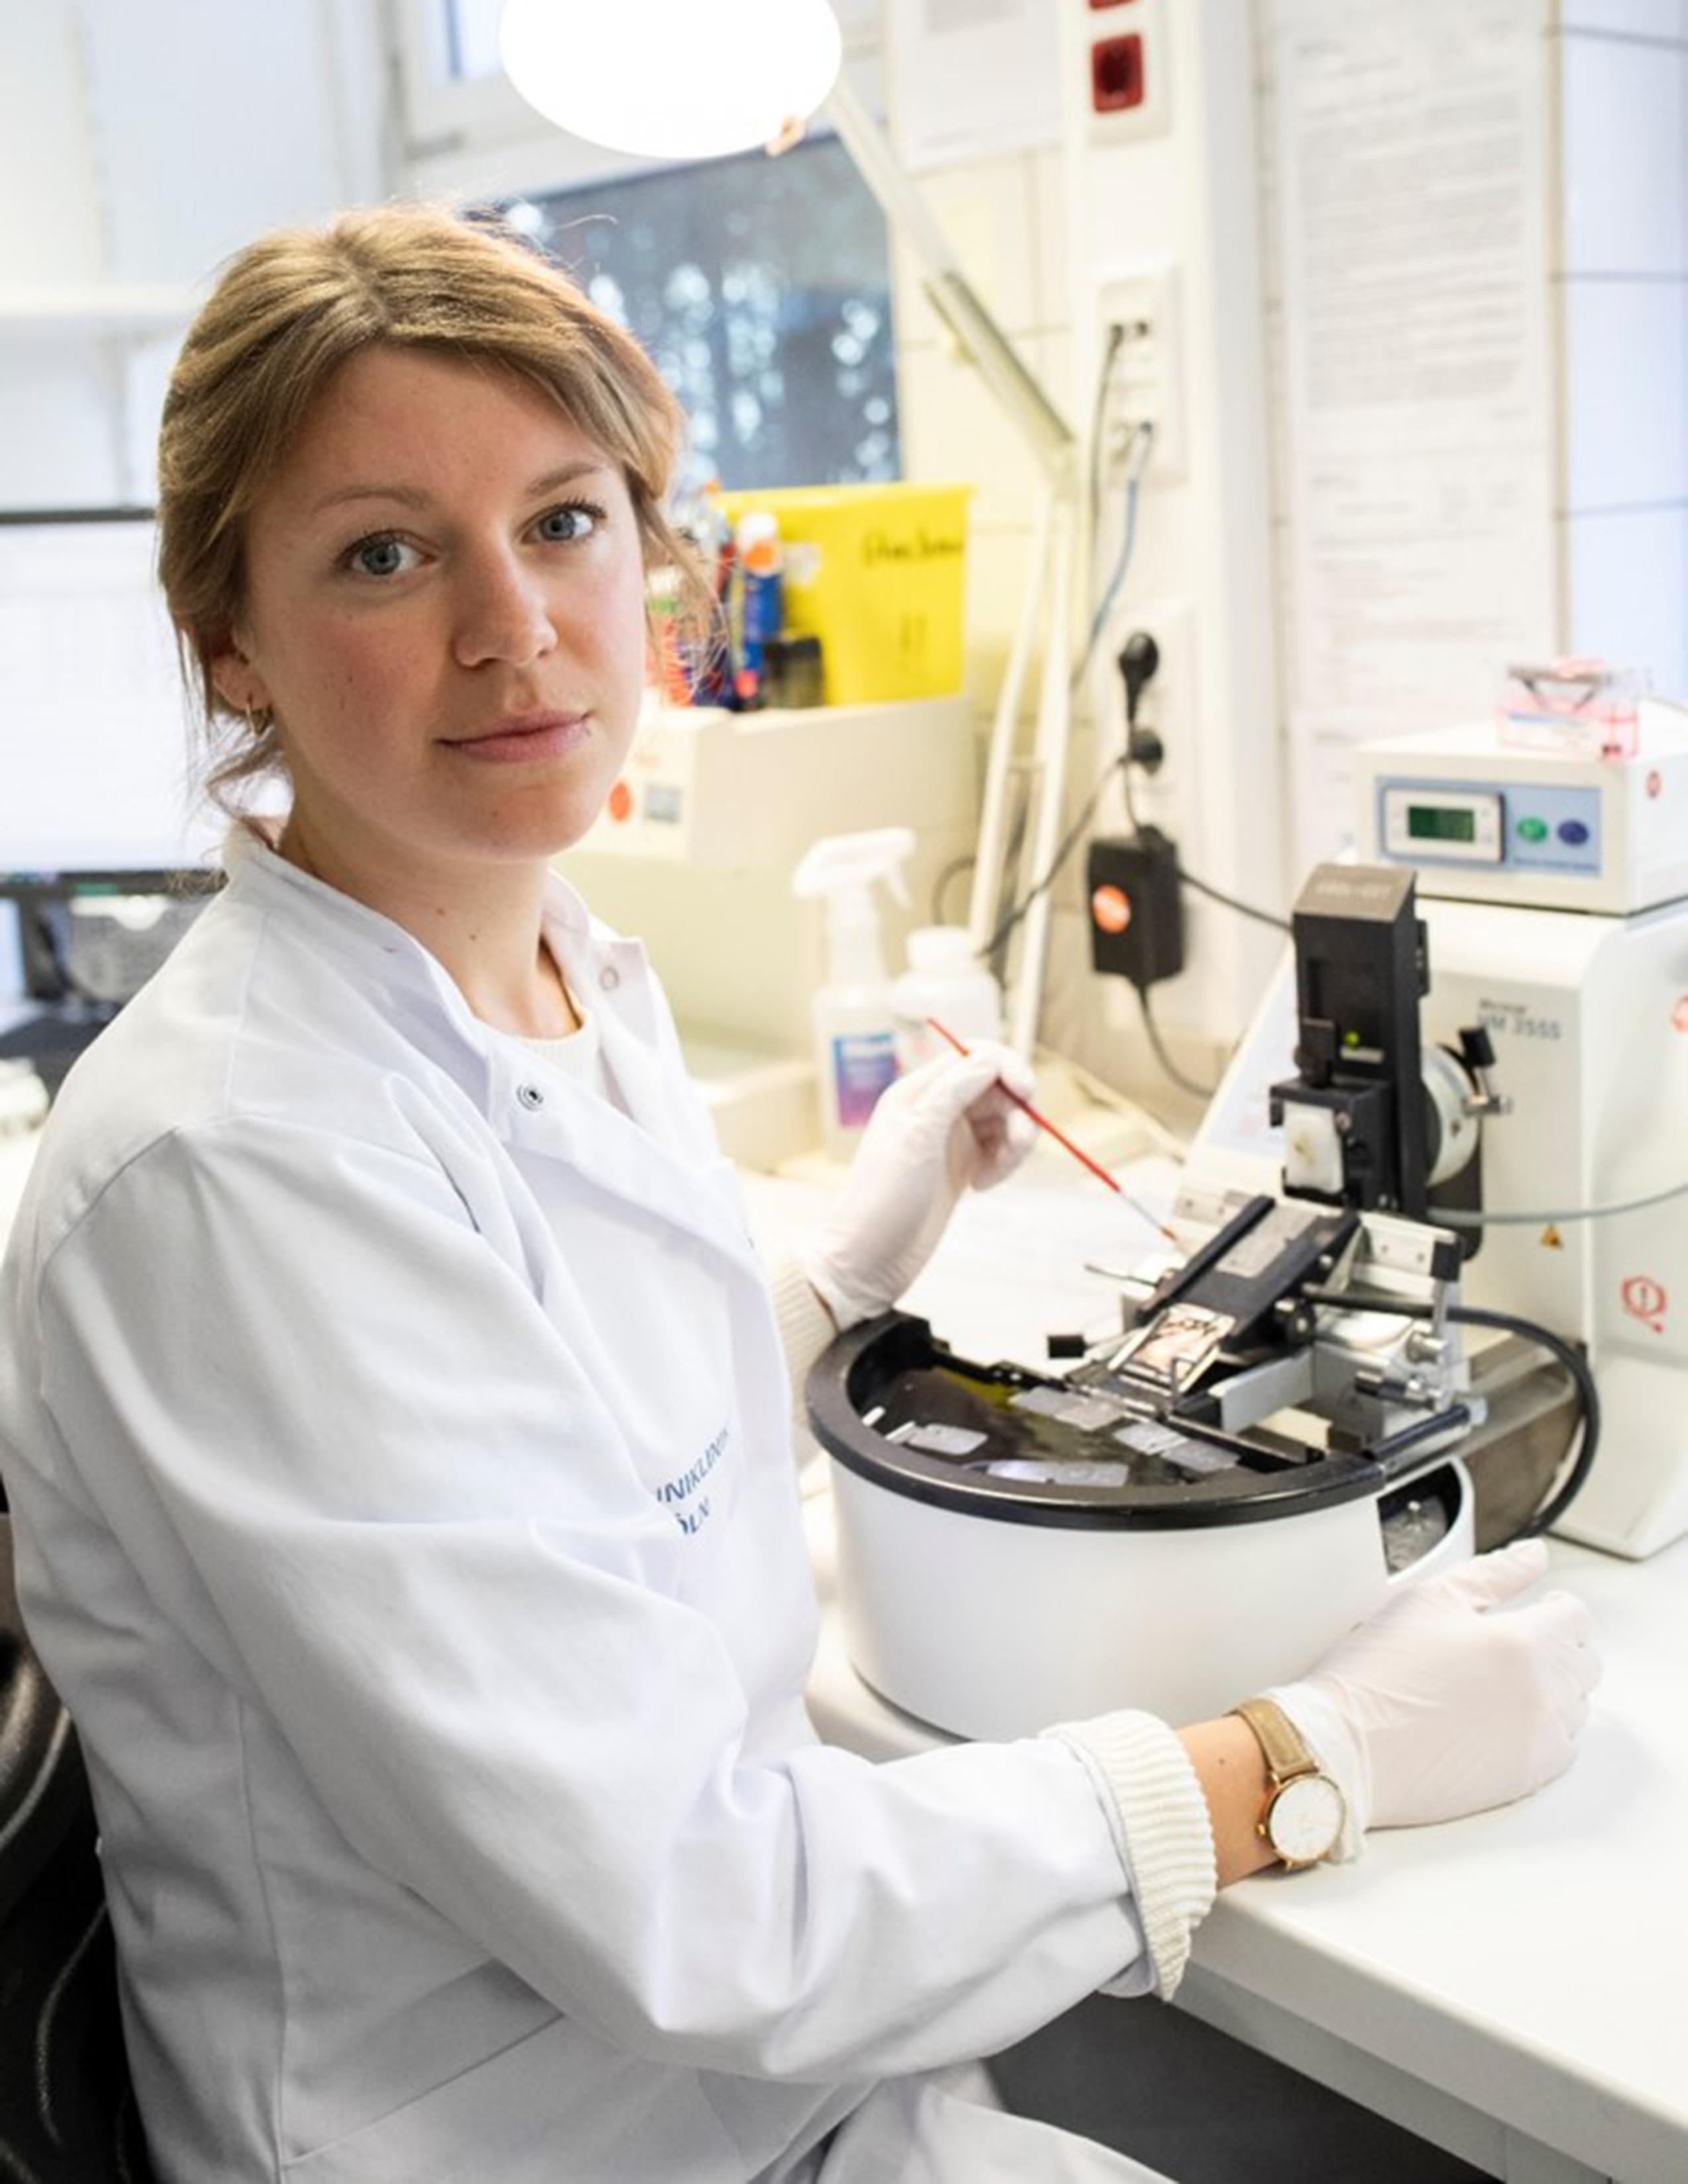 Lungenkrebs - Krebsforschung im Labor